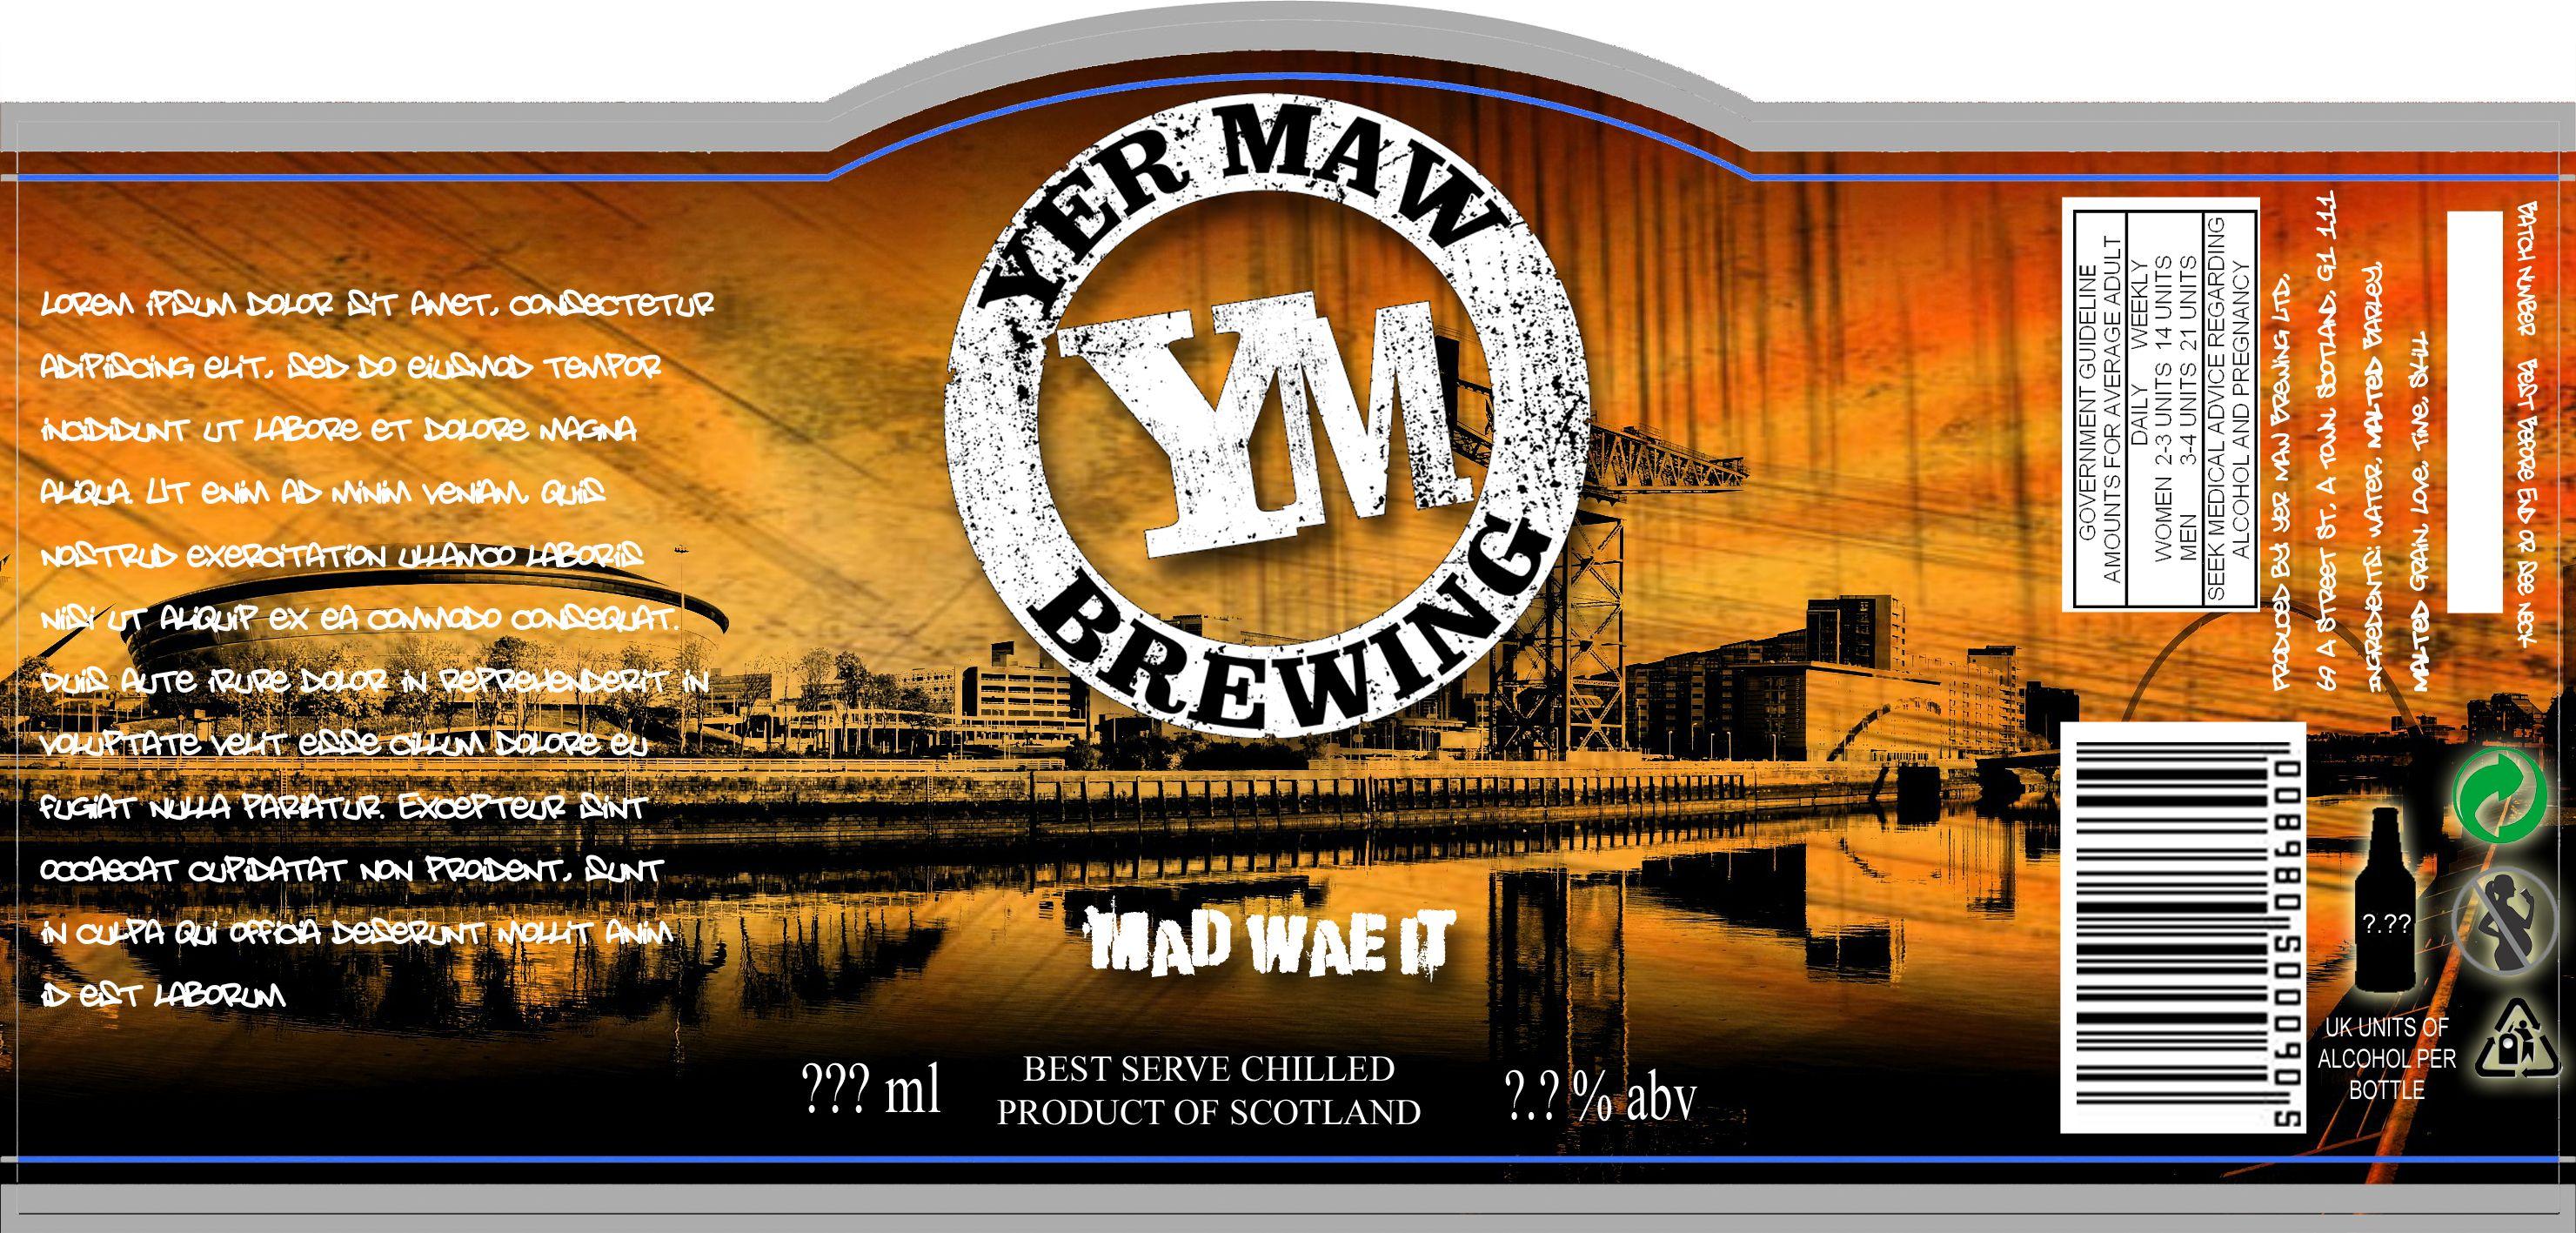 Yer Maw's Glasgow Ale, Wraparound_0.2